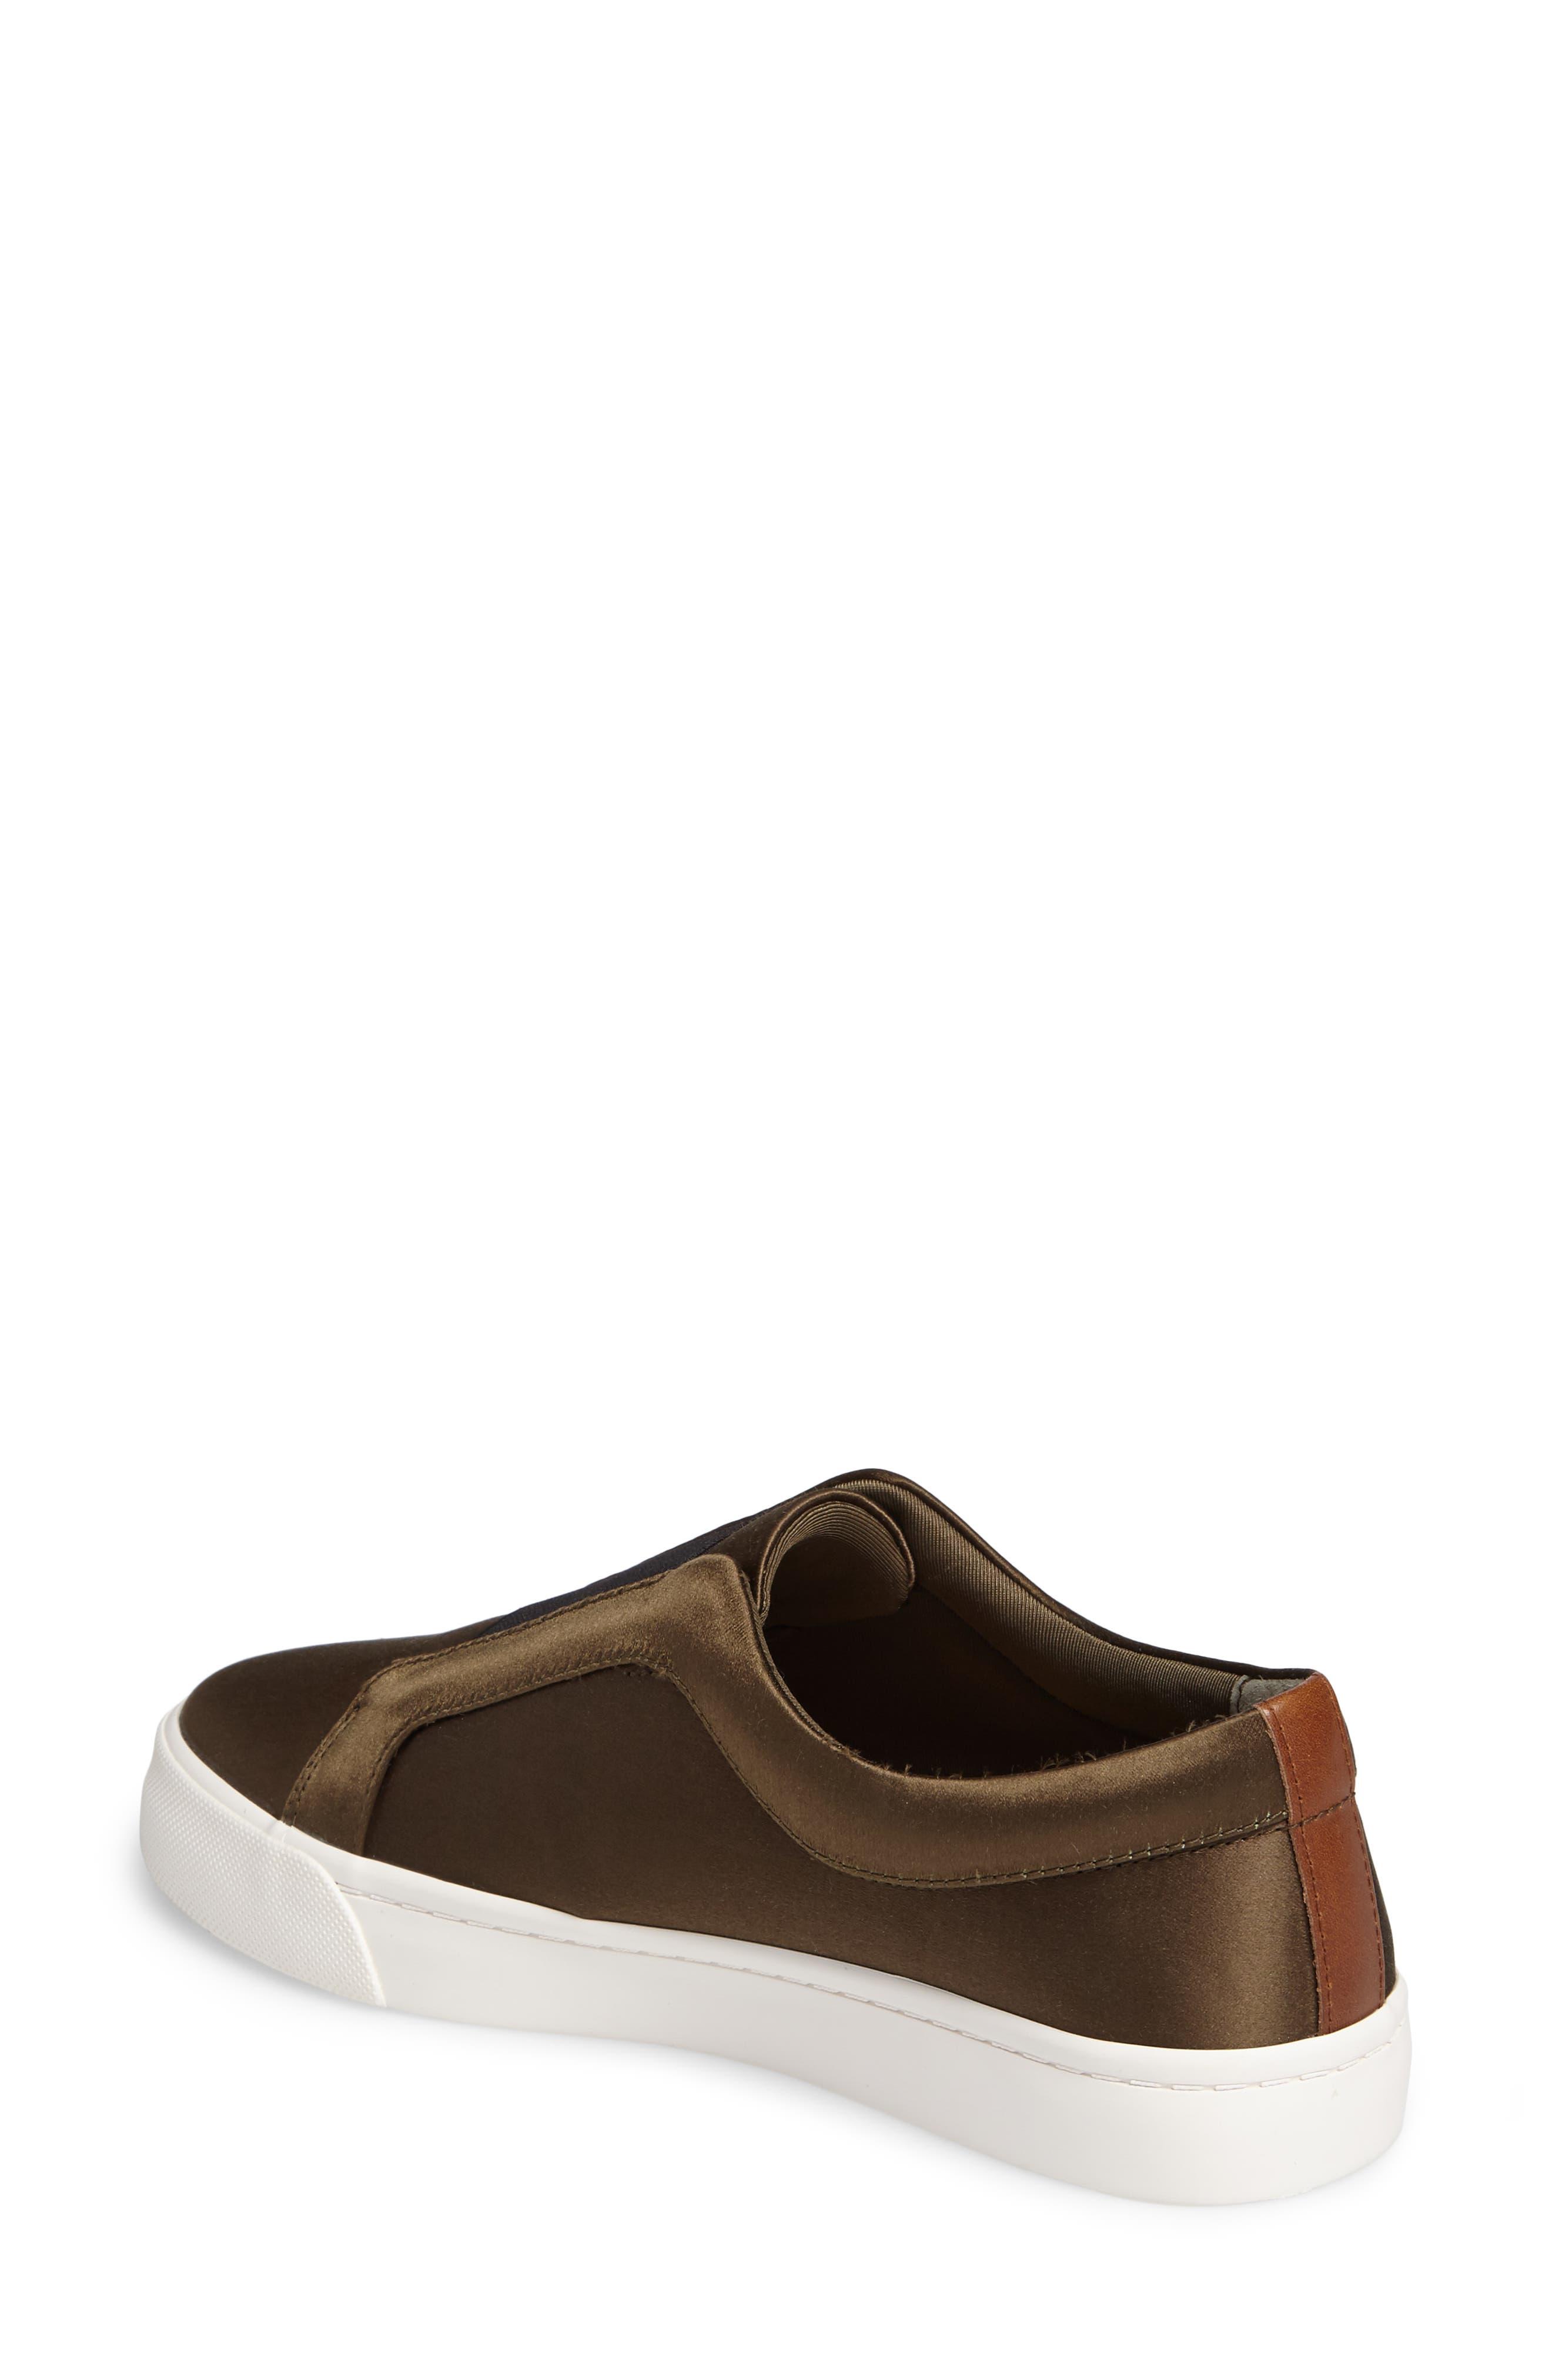 Bette Slip-On Sneaker,                             Alternate thumbnail 2, color,                             Peacoat/ Black Satin